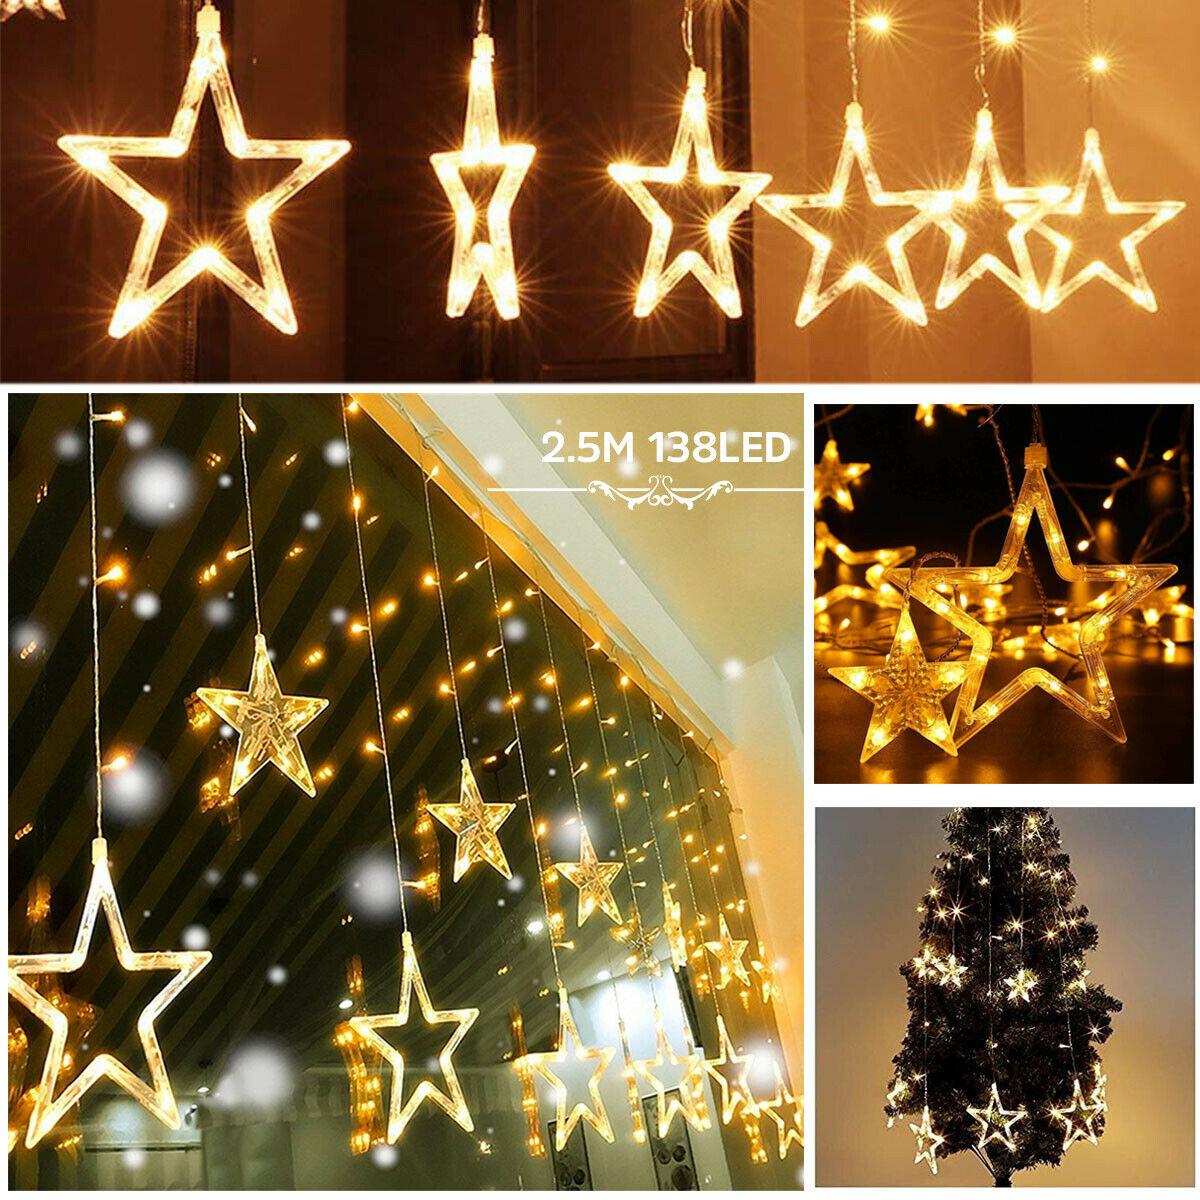 Full Size of Weihnachtsbeleuchtung Fenster Innen Stern Figuren Pyramide Batteriebetrieben Amazon Mit Kabel Velux Rollo Absturzsicherung Jemako Alarmanlage Jalousie Fenster Weihnachtsbeleuchtung Fenster